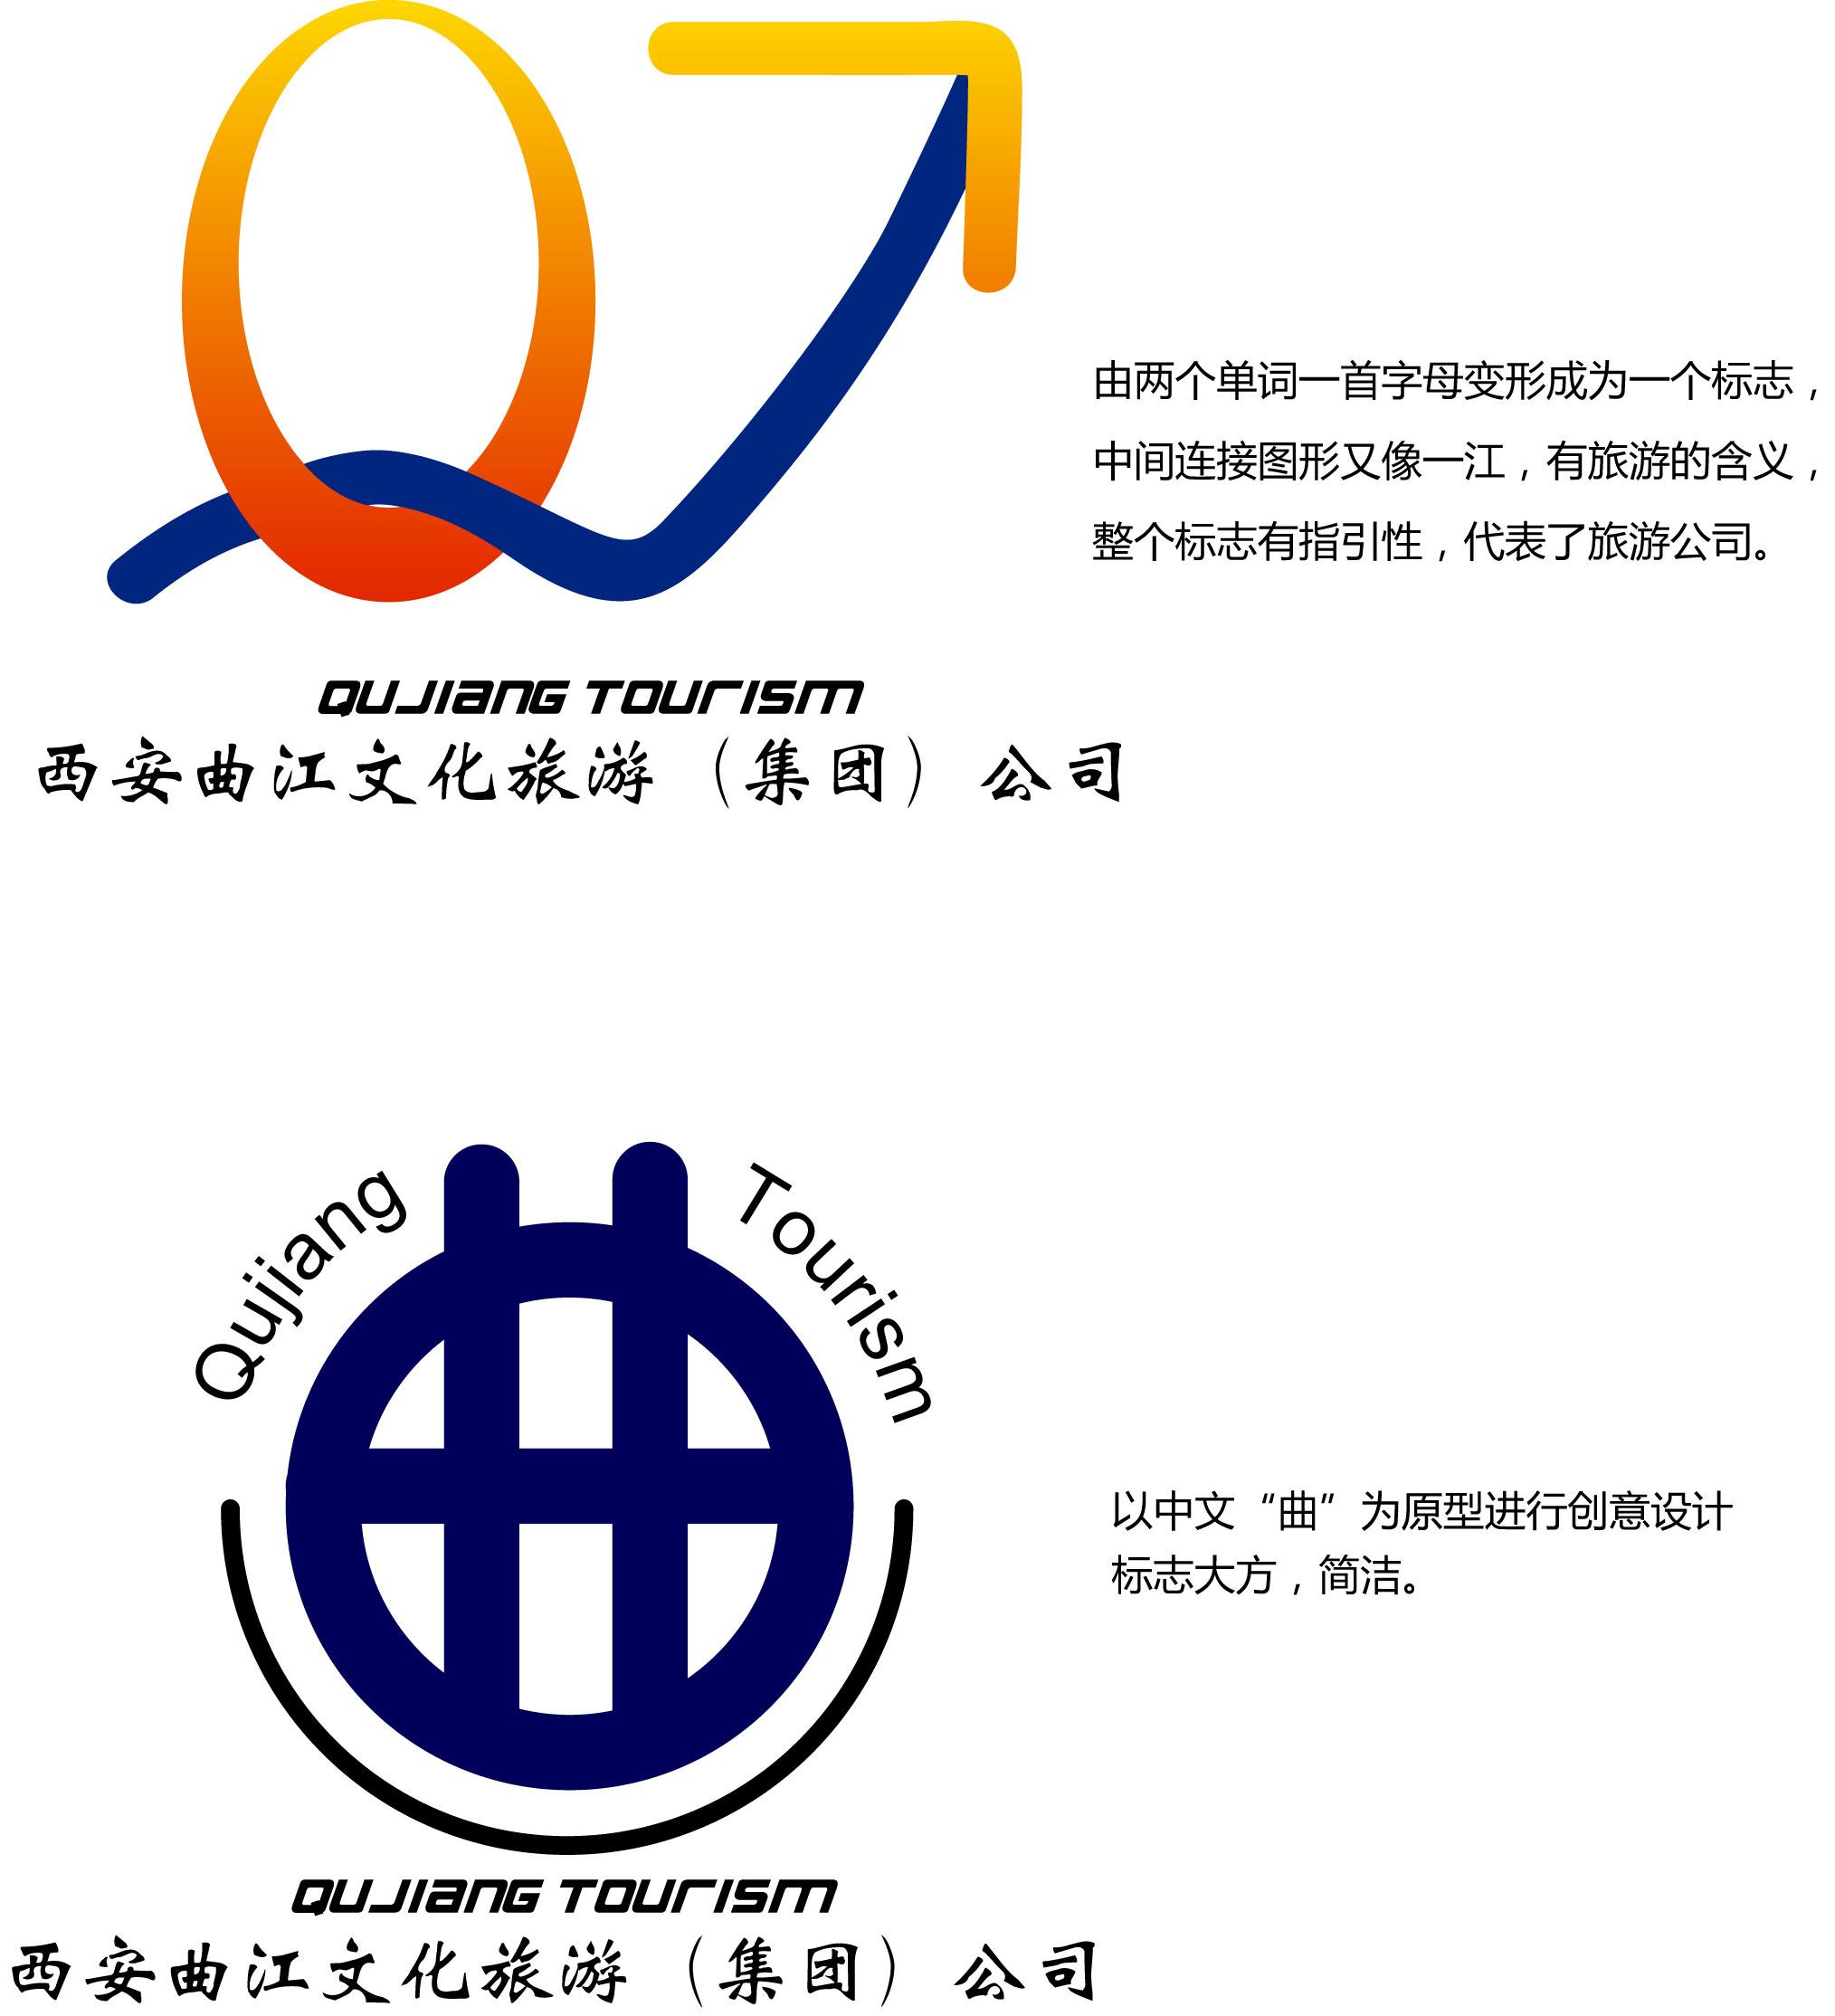 西安曲江文化旅游公司logo设计(紧急)_1650元_威客